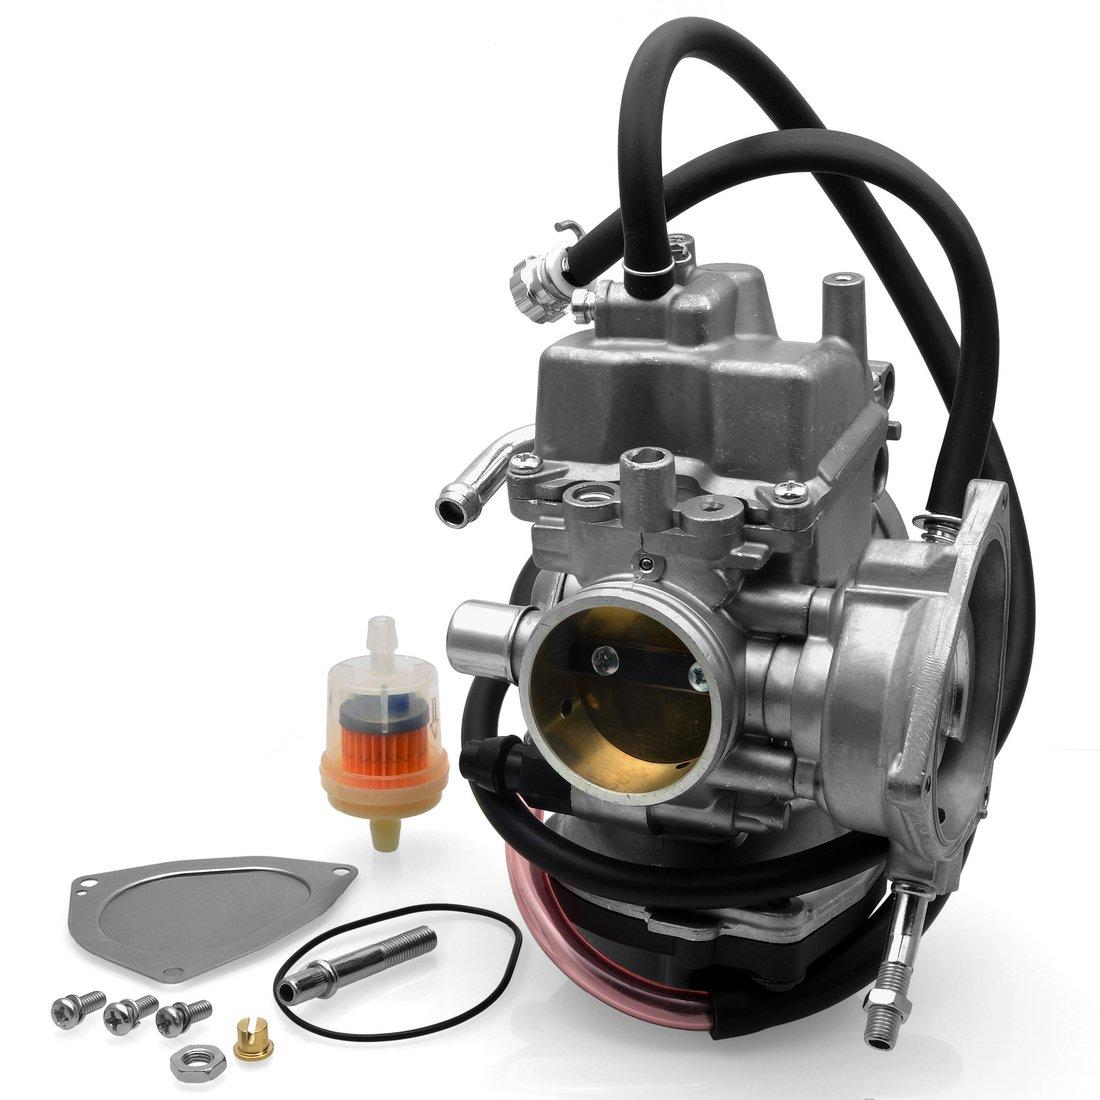 f146553722500 Radracing LTZ400 ATV Carburetor Carb Replacement Kit for Suzuki LTZ 400  2003-2007 Kawasaki KFX 400 2003-2006 Arctic Cat DVX400 2004-2007 Yamaha  Raptor 350 ...